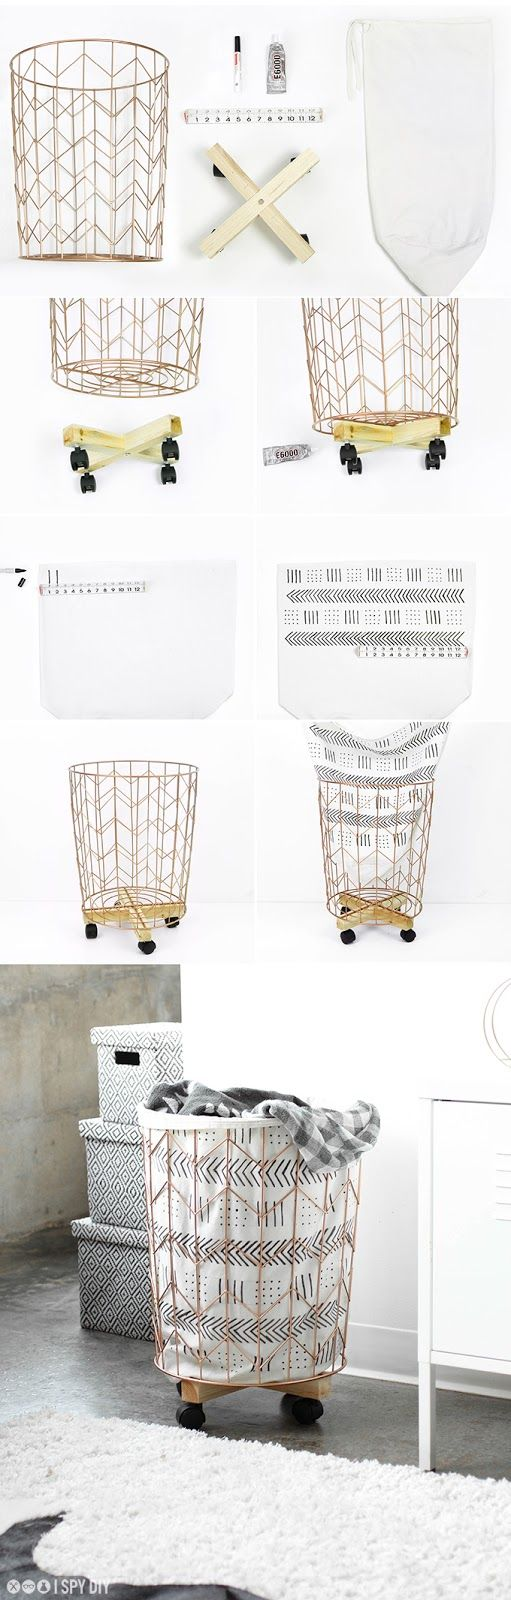 DIY | Saco para la ropa personalizado - DIARIODECO